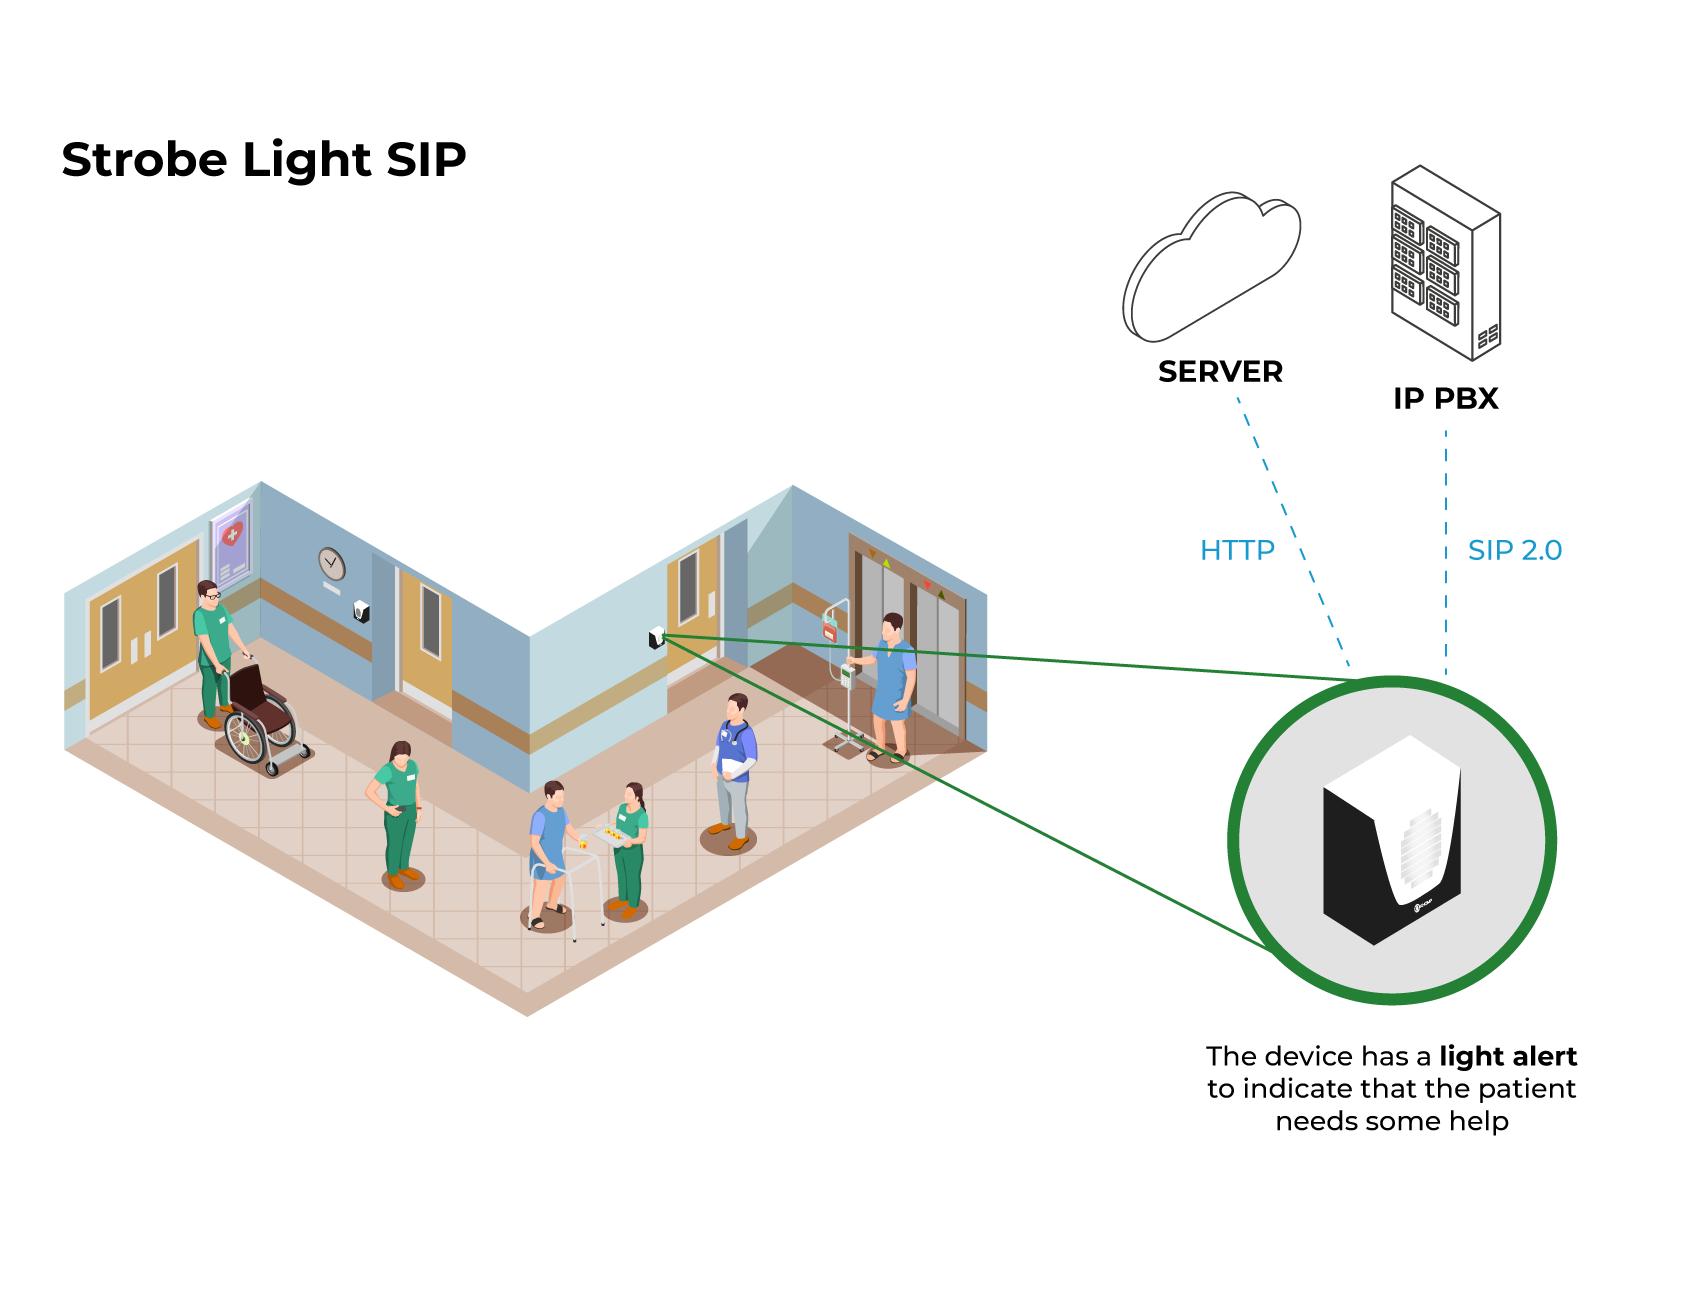 Application Model 2 - SIP Strobe Light